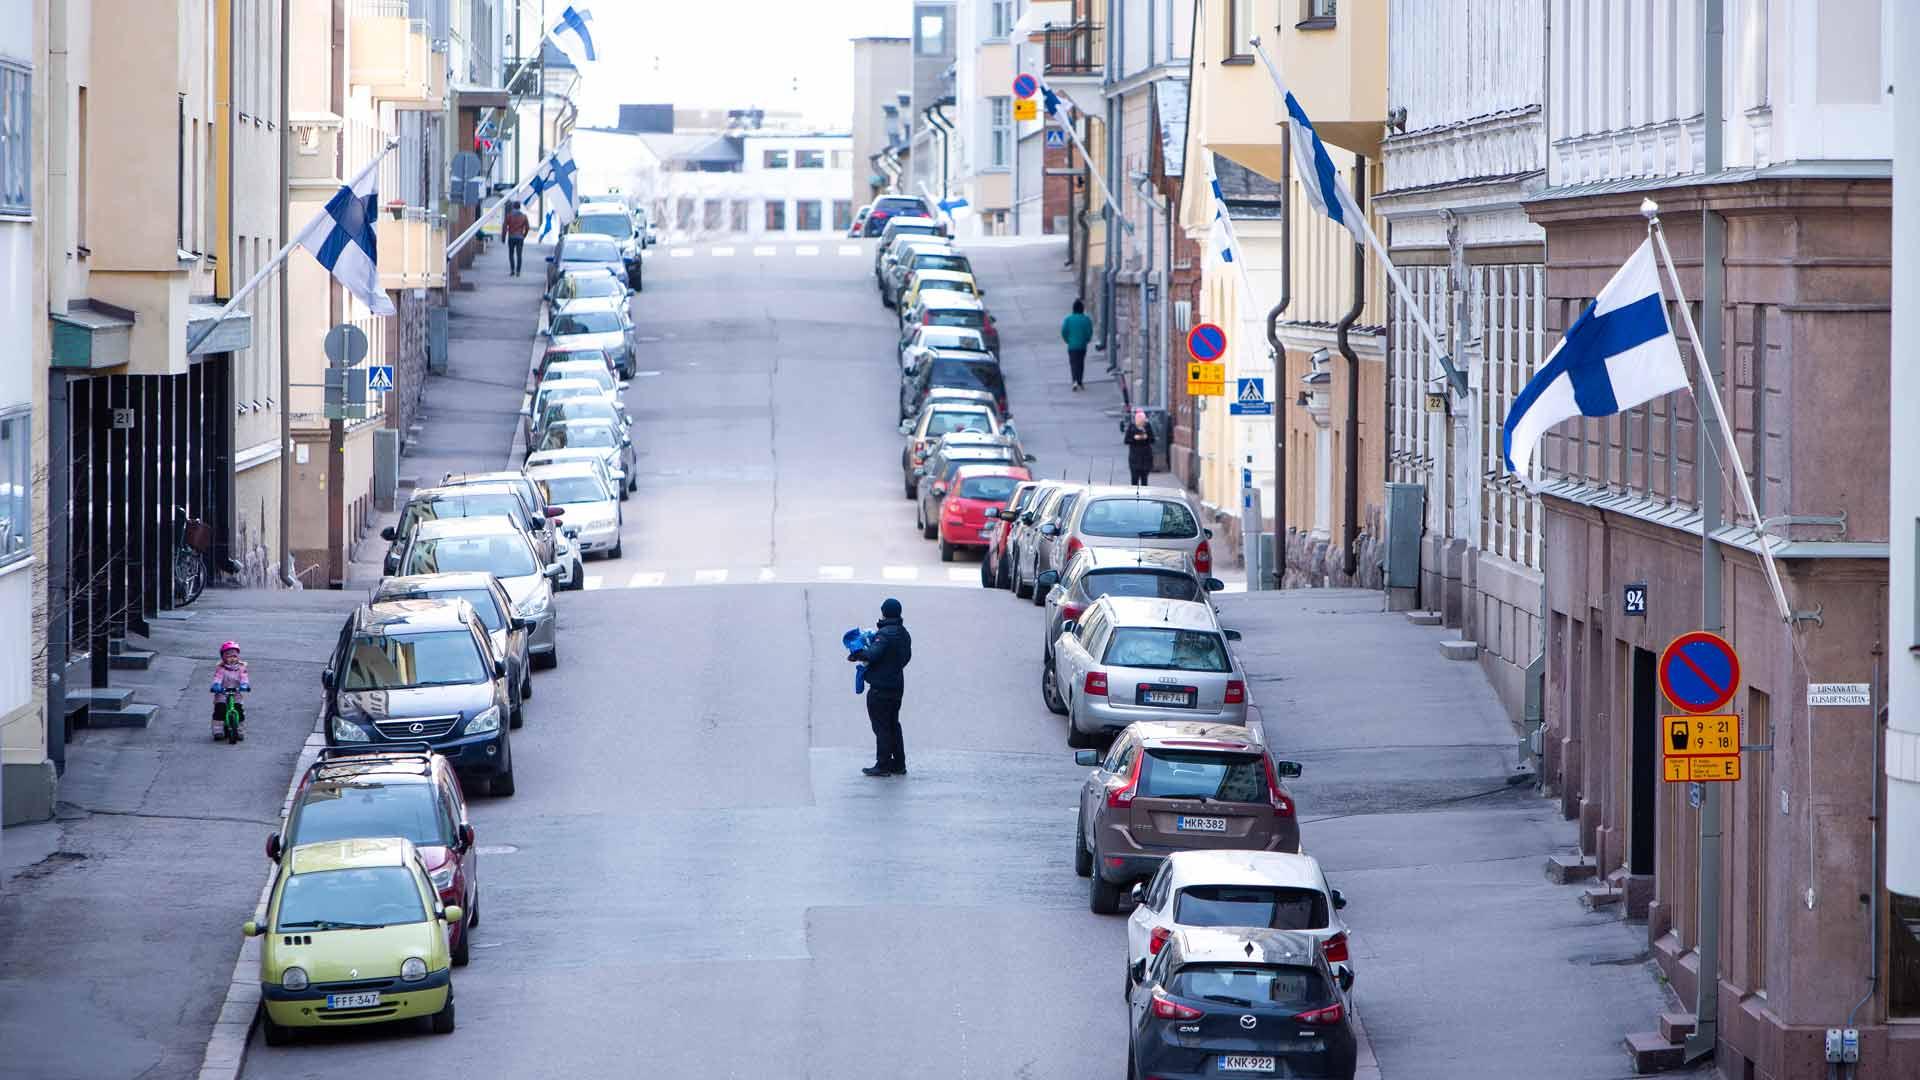 Suomi liputtaa. Siniristiliput oli nostettu salkoihin talvisodan päättymisen 80-vuotispäivän kunniaksi. Huomio kiinnittyi juhlapäivänä kuitenkin muihin asioihin.